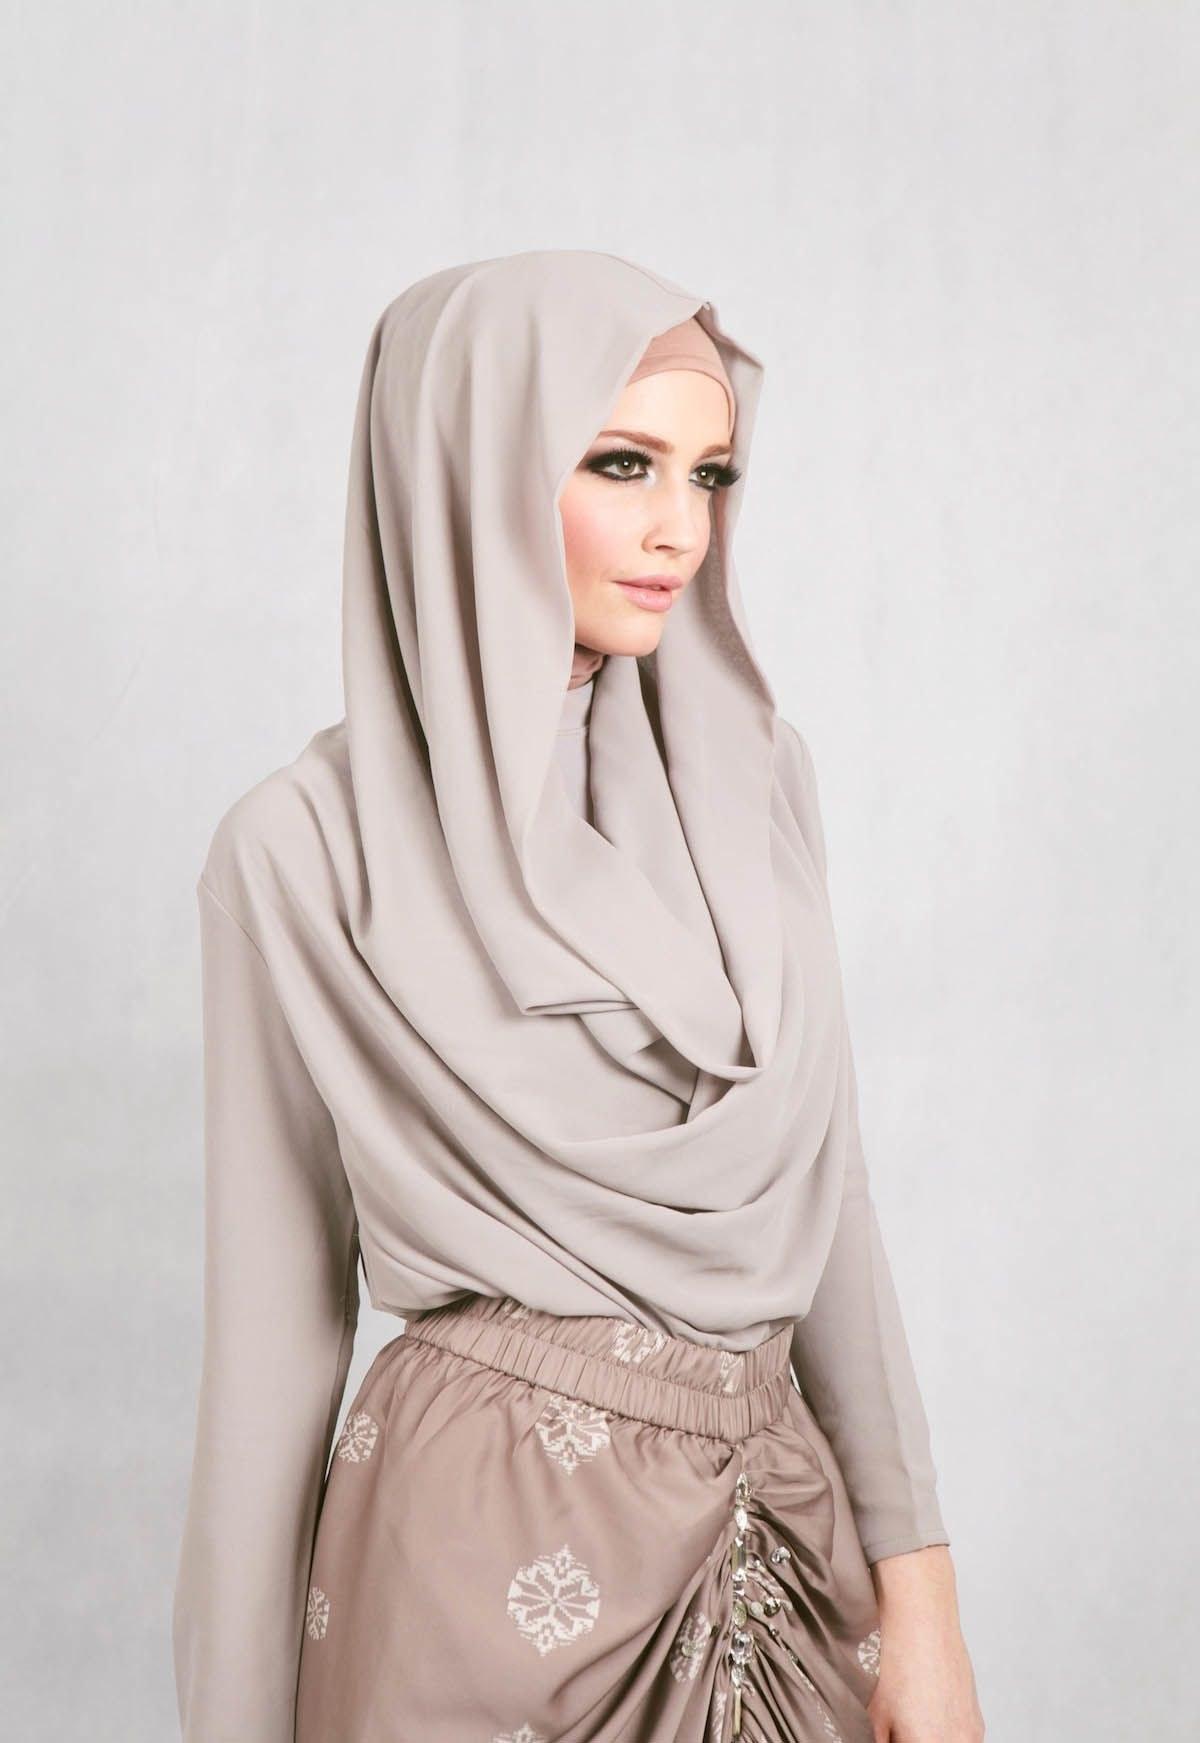 Ide Fashion Muslimah Zwdg Muslimah Fashion & Hijab Style Hijjap